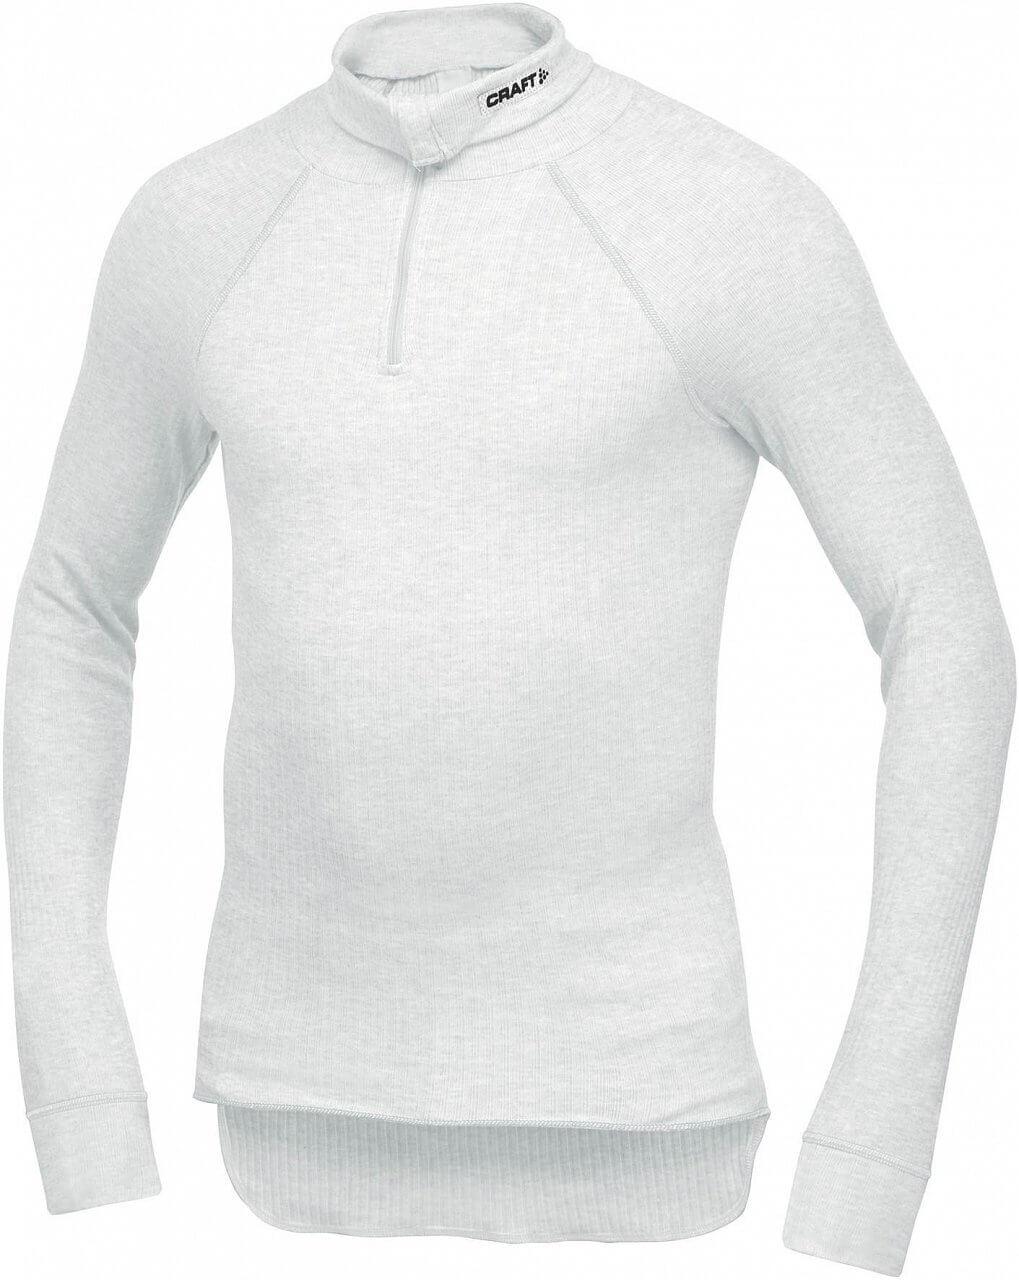 Trička Craft Rolák Active Zip bílá